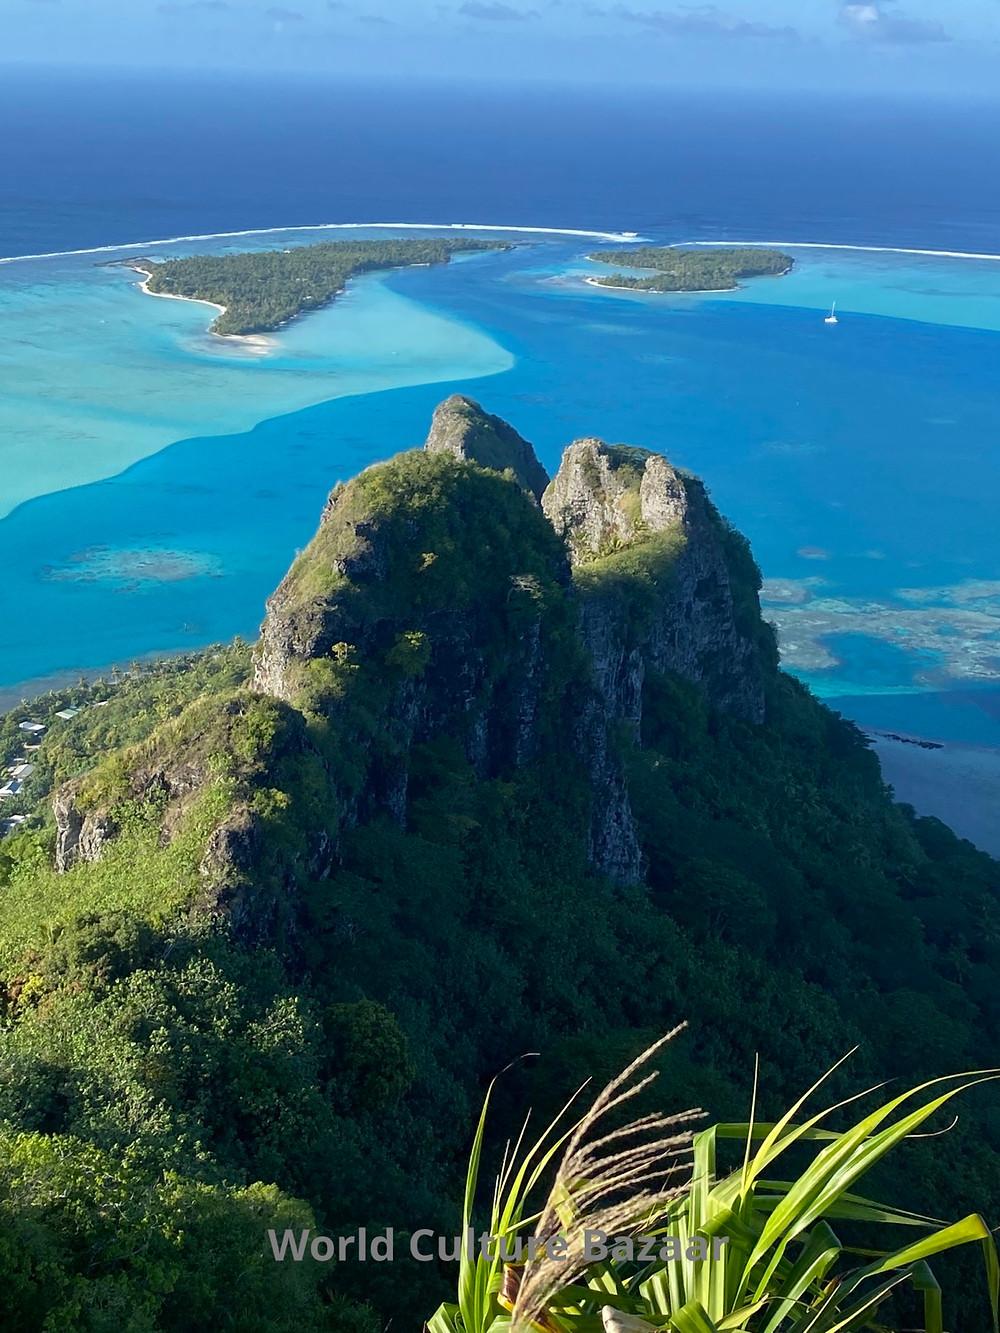 French Polynesia. Maupiti. Teuraafaatiu